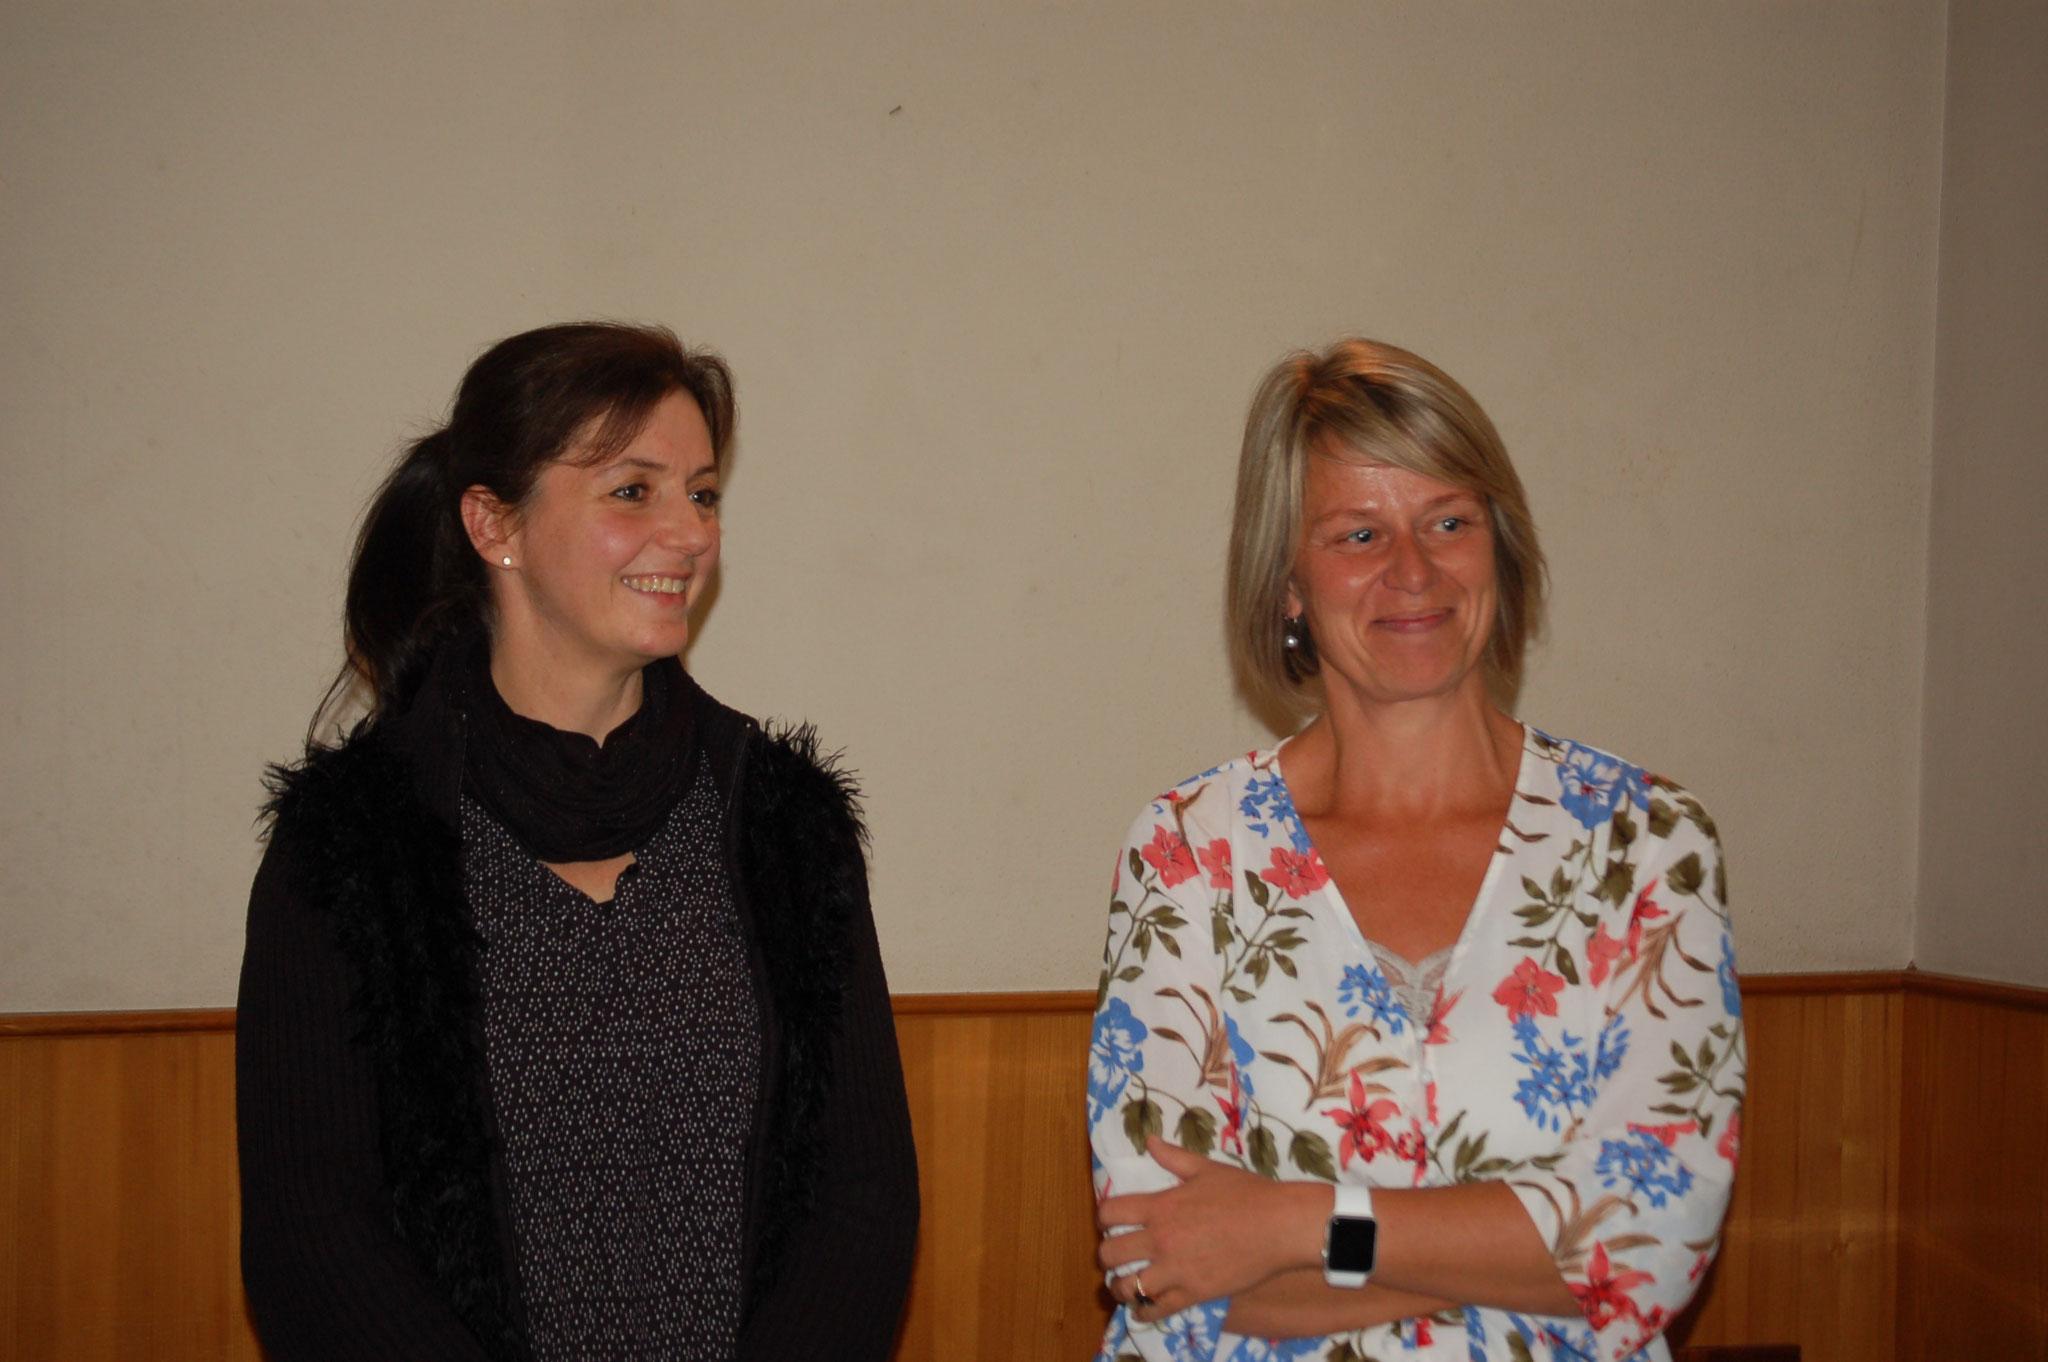 2 EV-Mitglieder wurden verabschiedet - Petra Meusburger und Silvia Fetz - DANKE für eure Mithilfe!